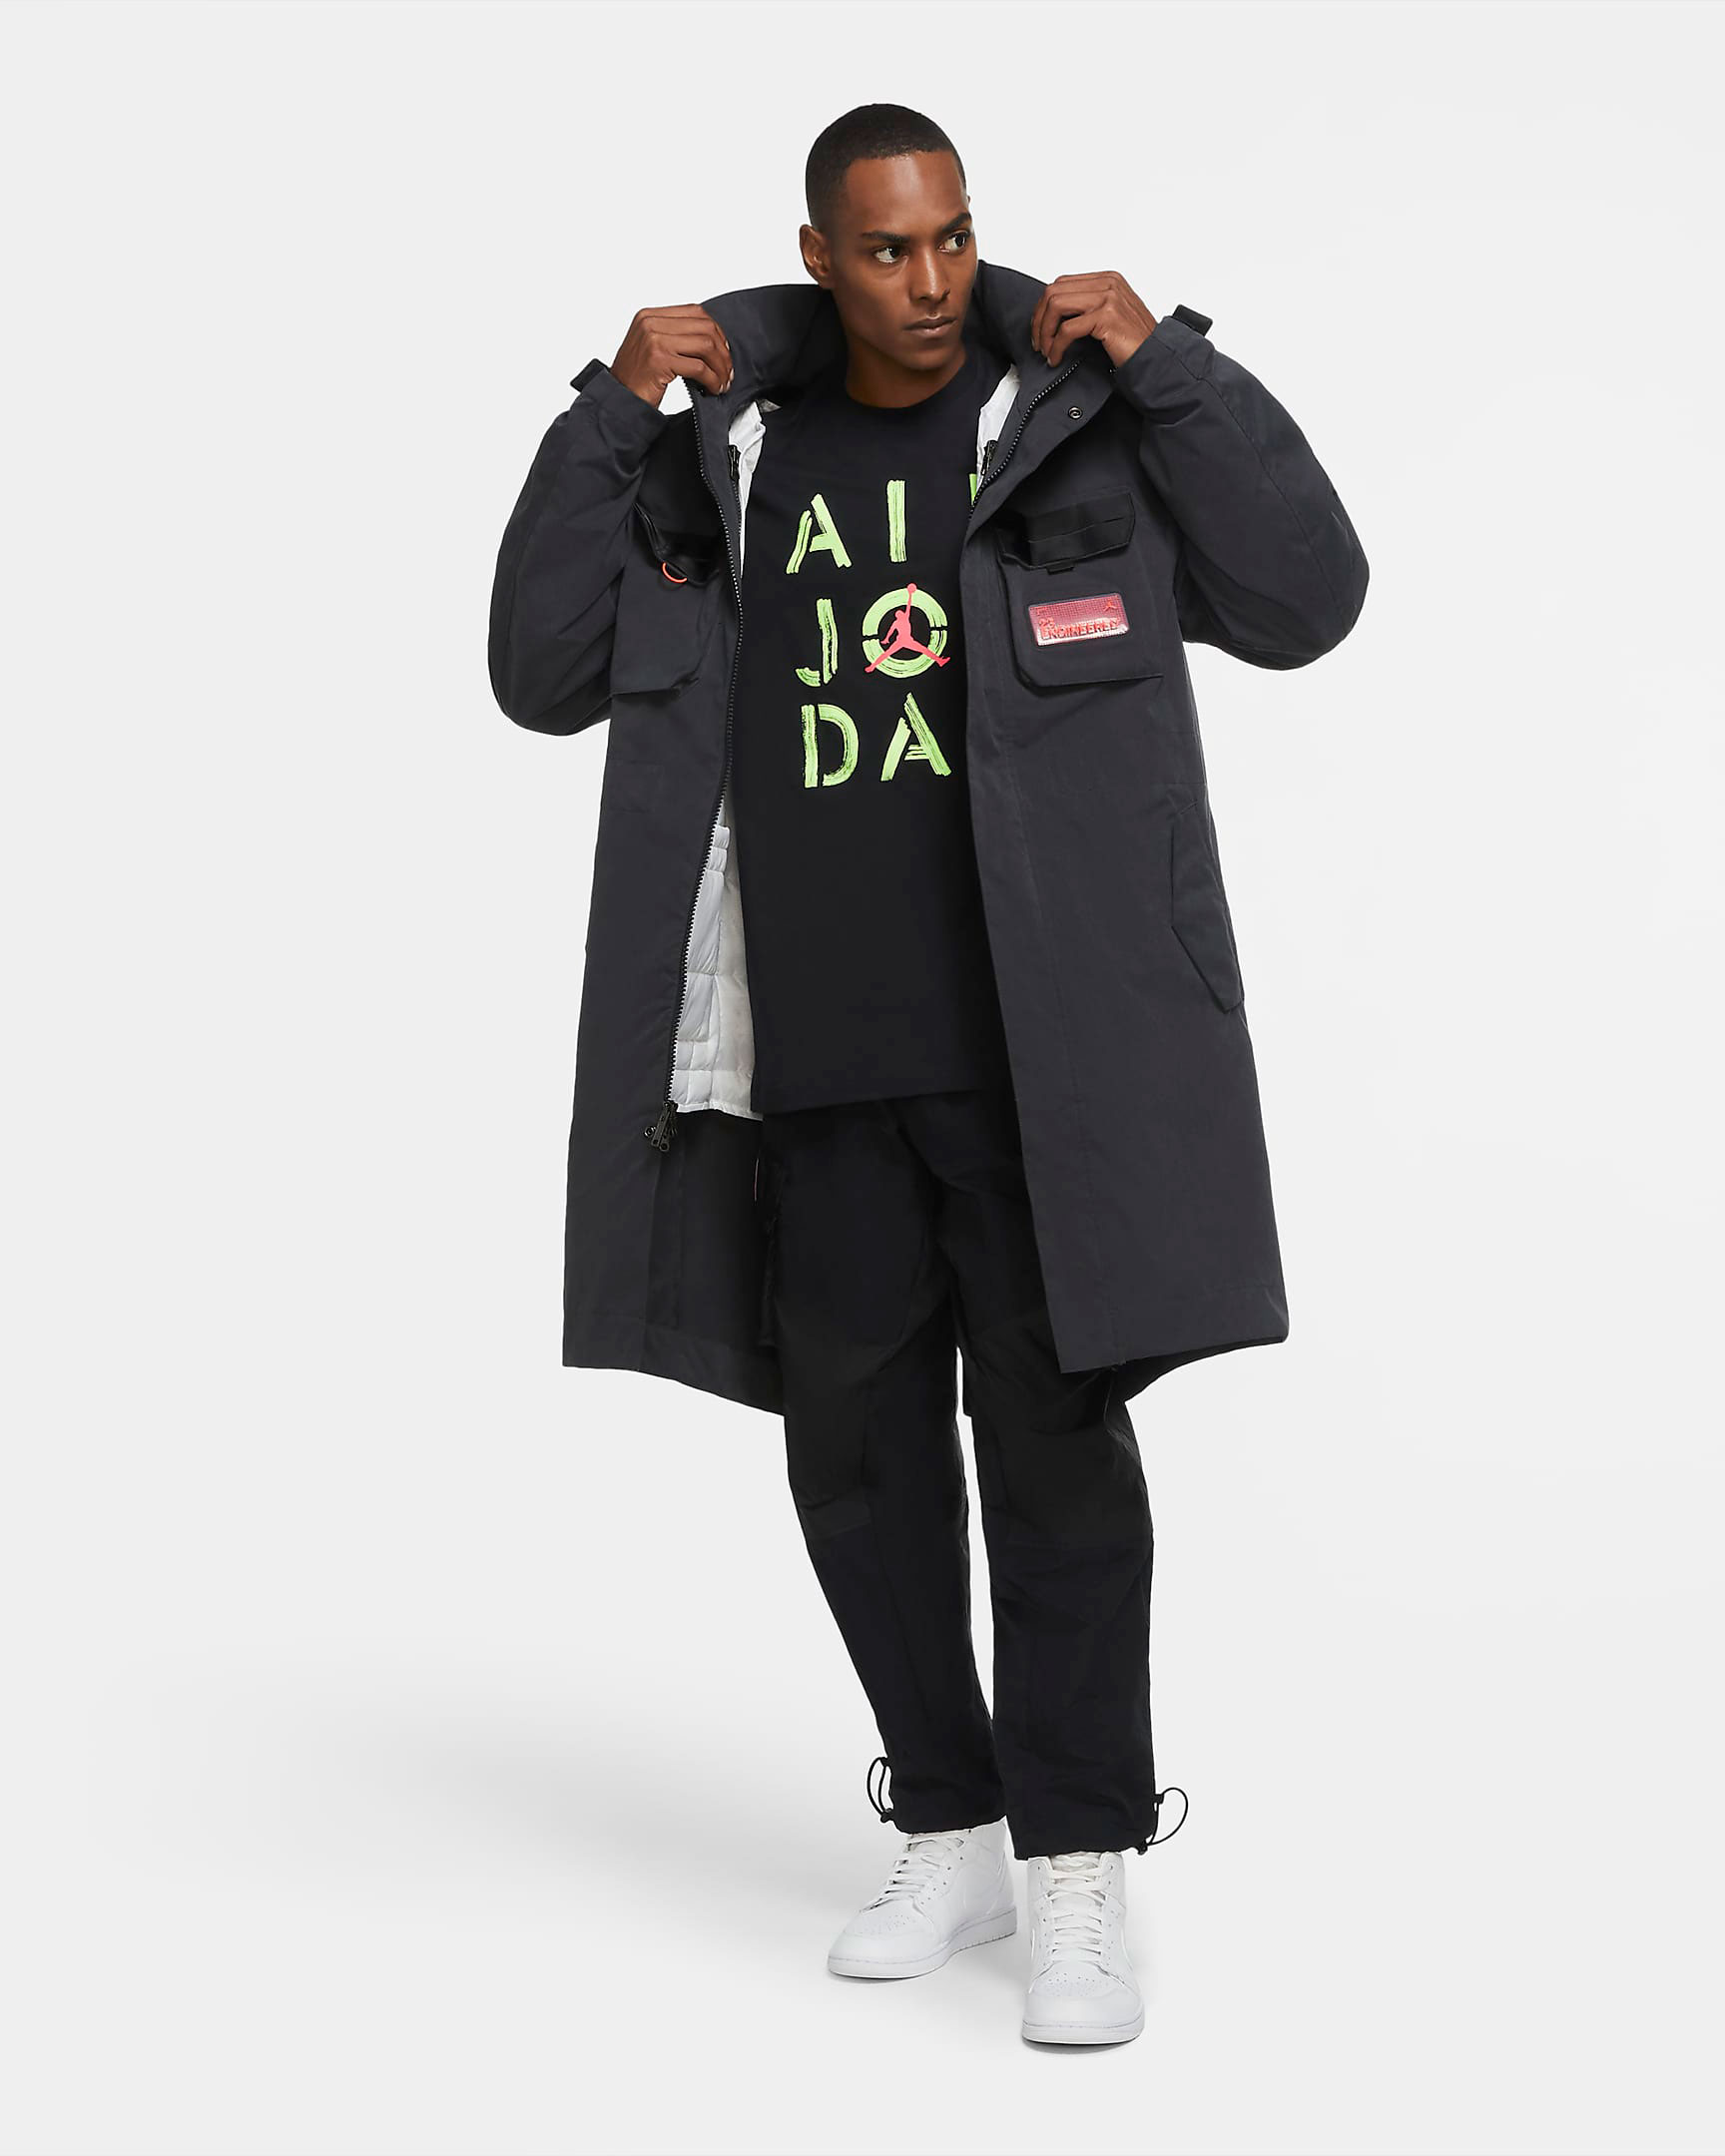 air-jordan-11-adapt-winter-jacket-2